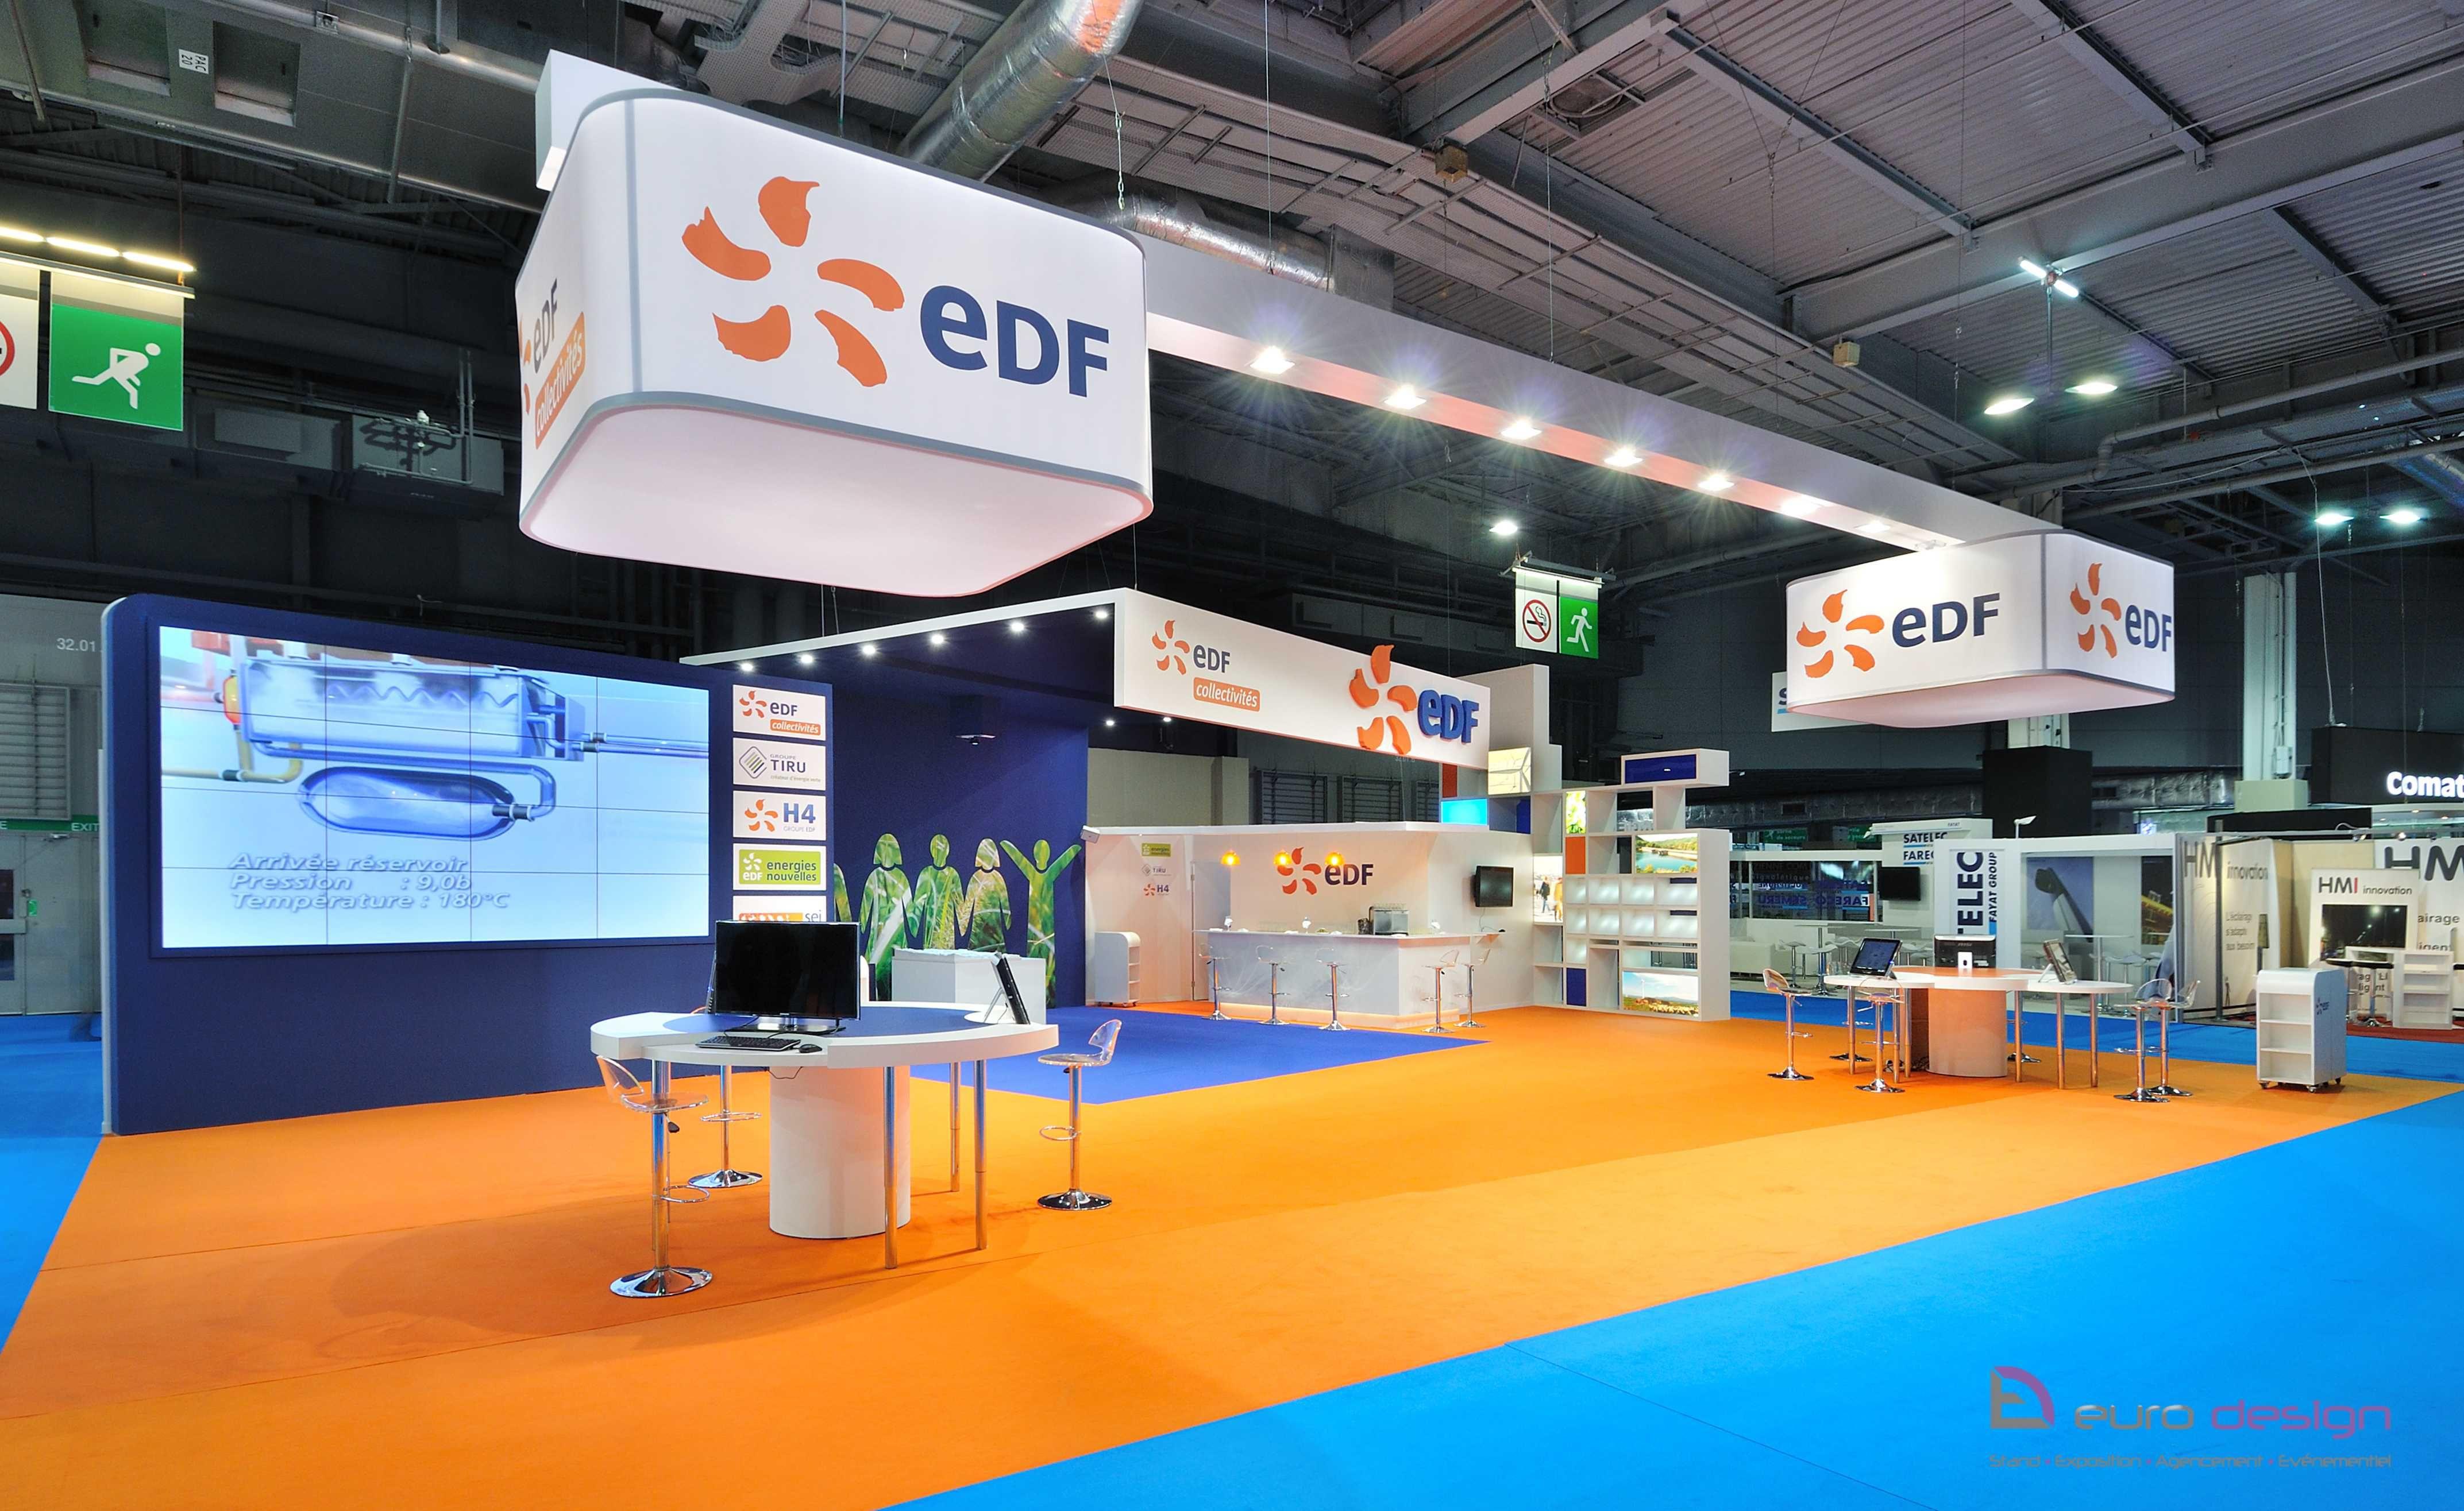 Euro design for European design firms